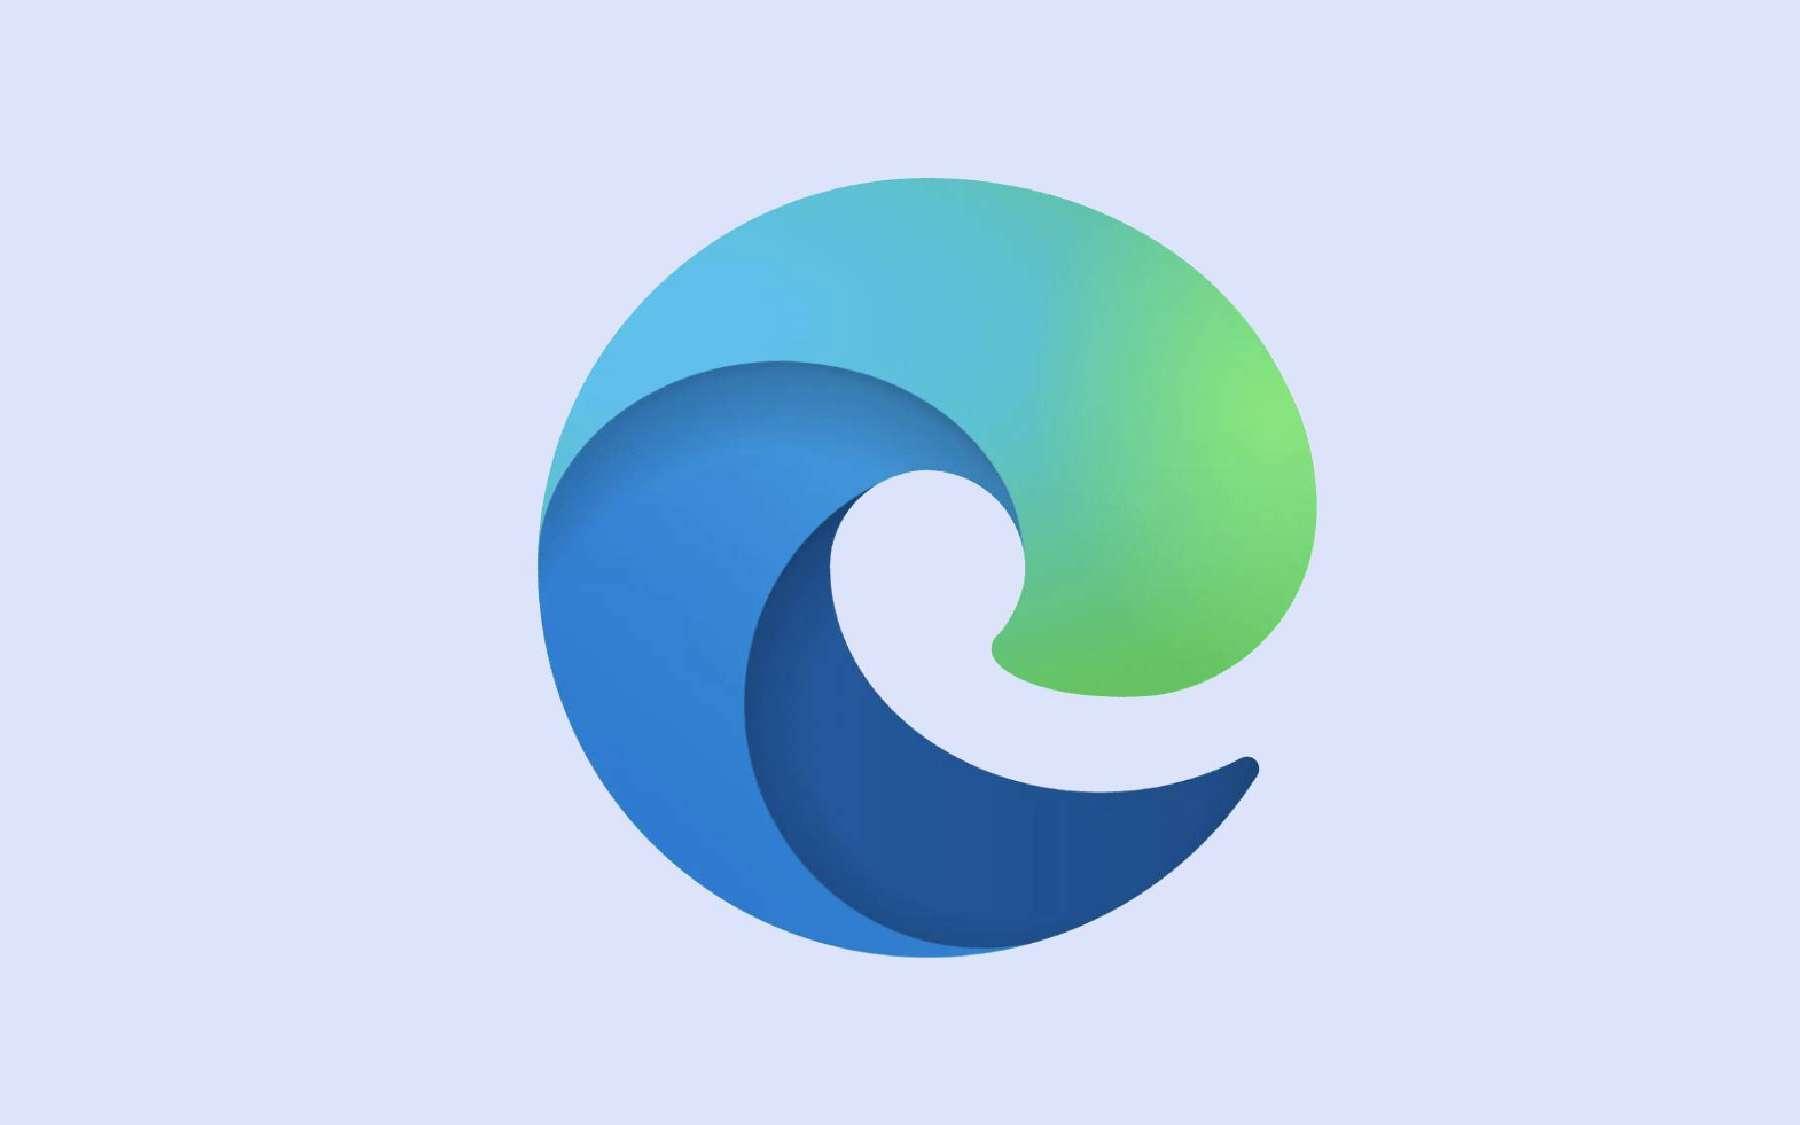 Les navigateurs Edge et Chrome vont s'appuyer sur le même moteur de rendu. © Microsoft